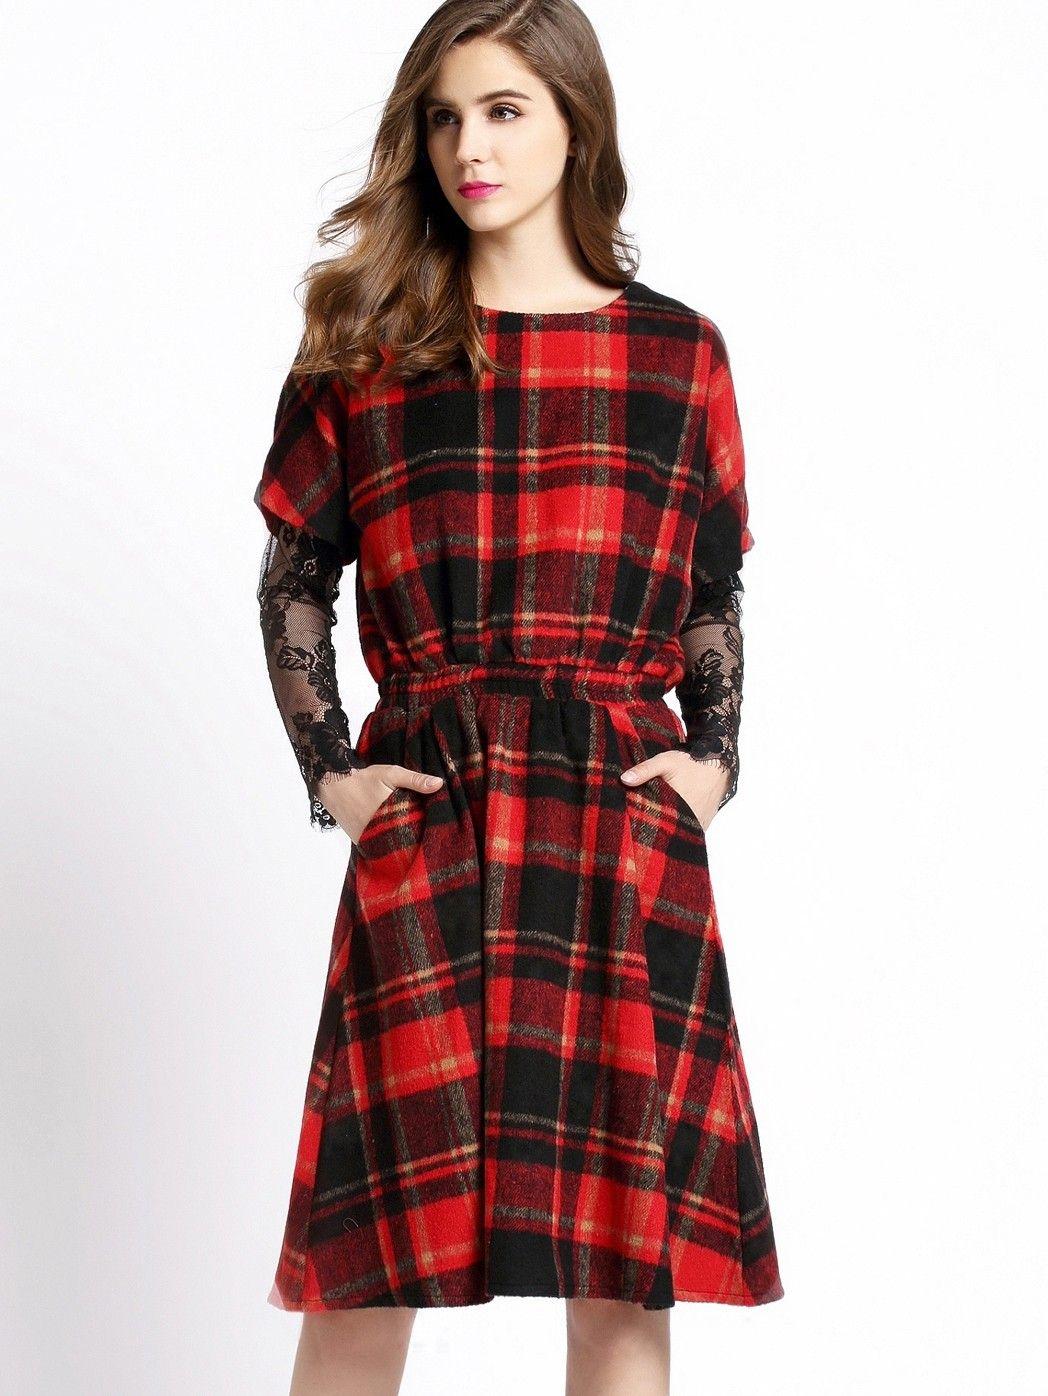 Red Black Round Neck Plaid Tie-waist Dress - She In